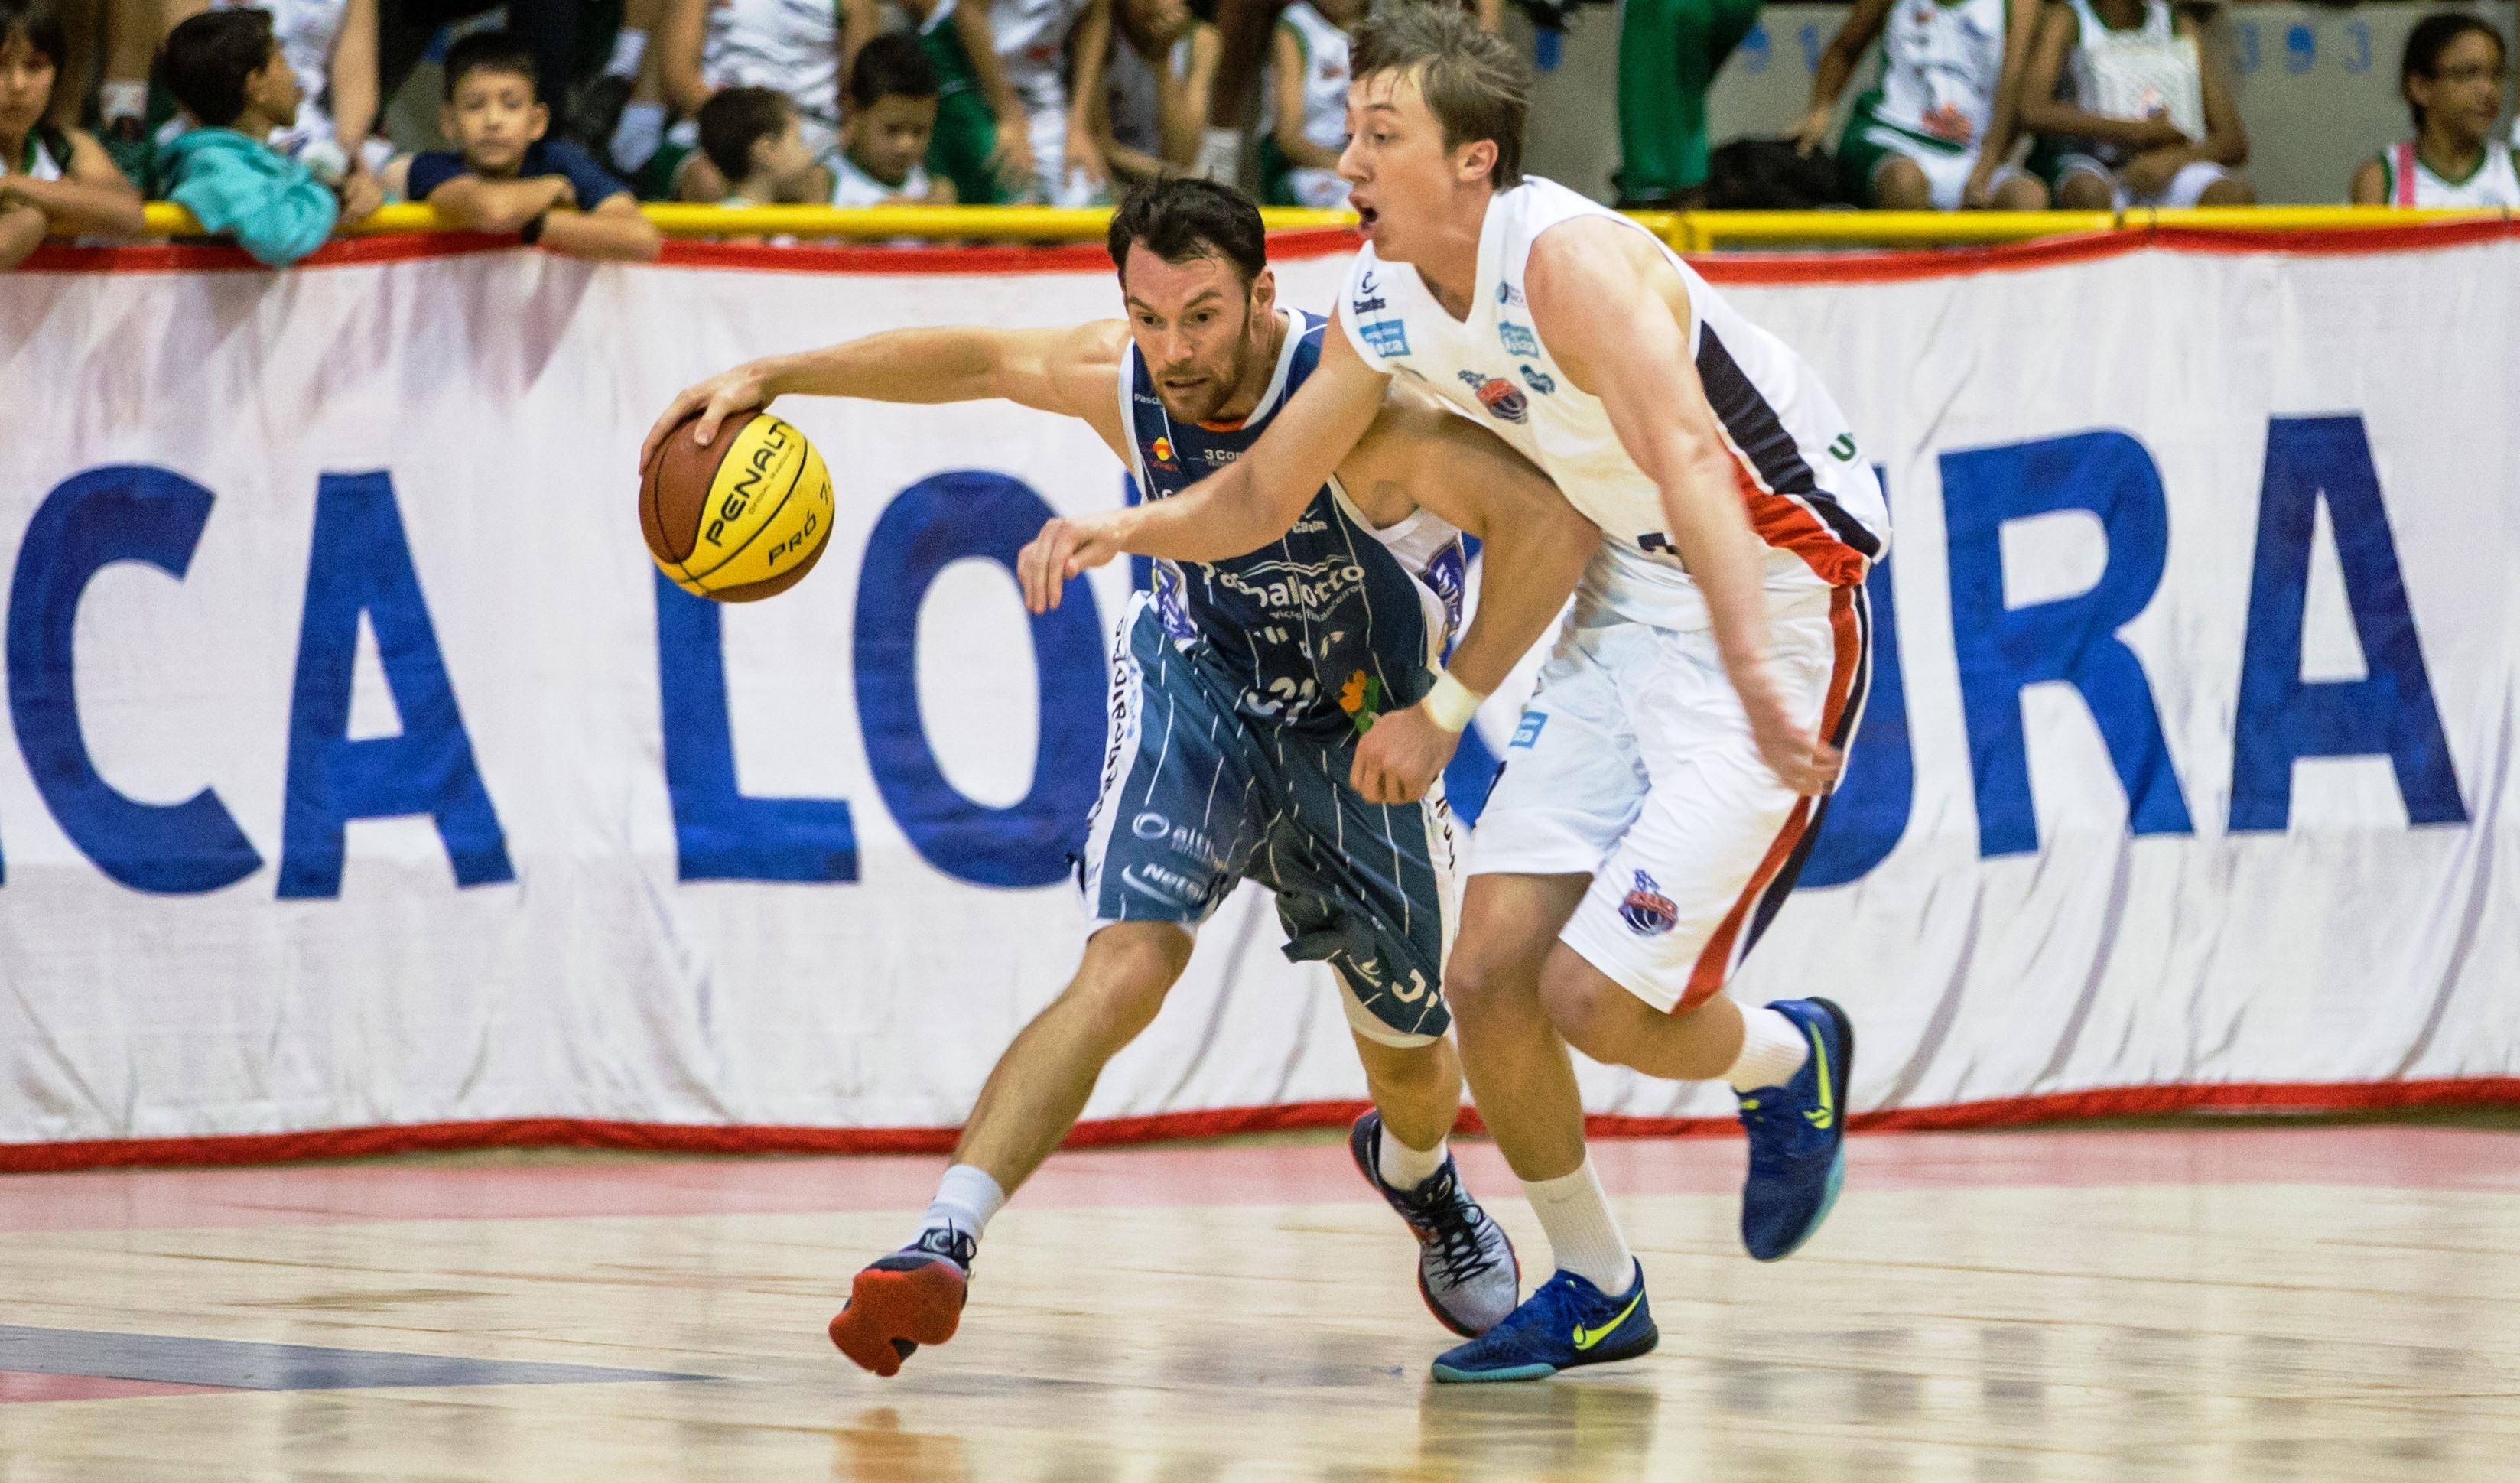 Bauru, do ala Robert Day, venceu rival Franca em partida decidida apenas na prorrogação (Caio Casagrande/Bauru Basket)